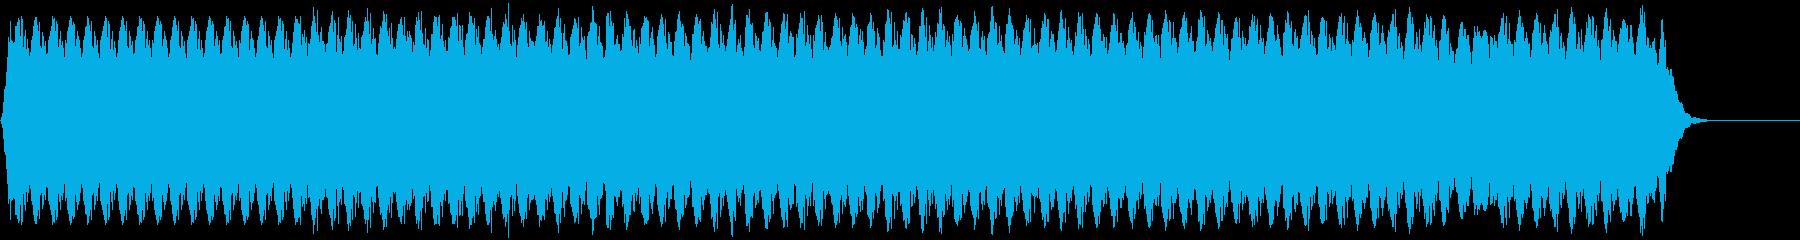 ミディアムパルスミッドドローンパルスの再生済みの波形